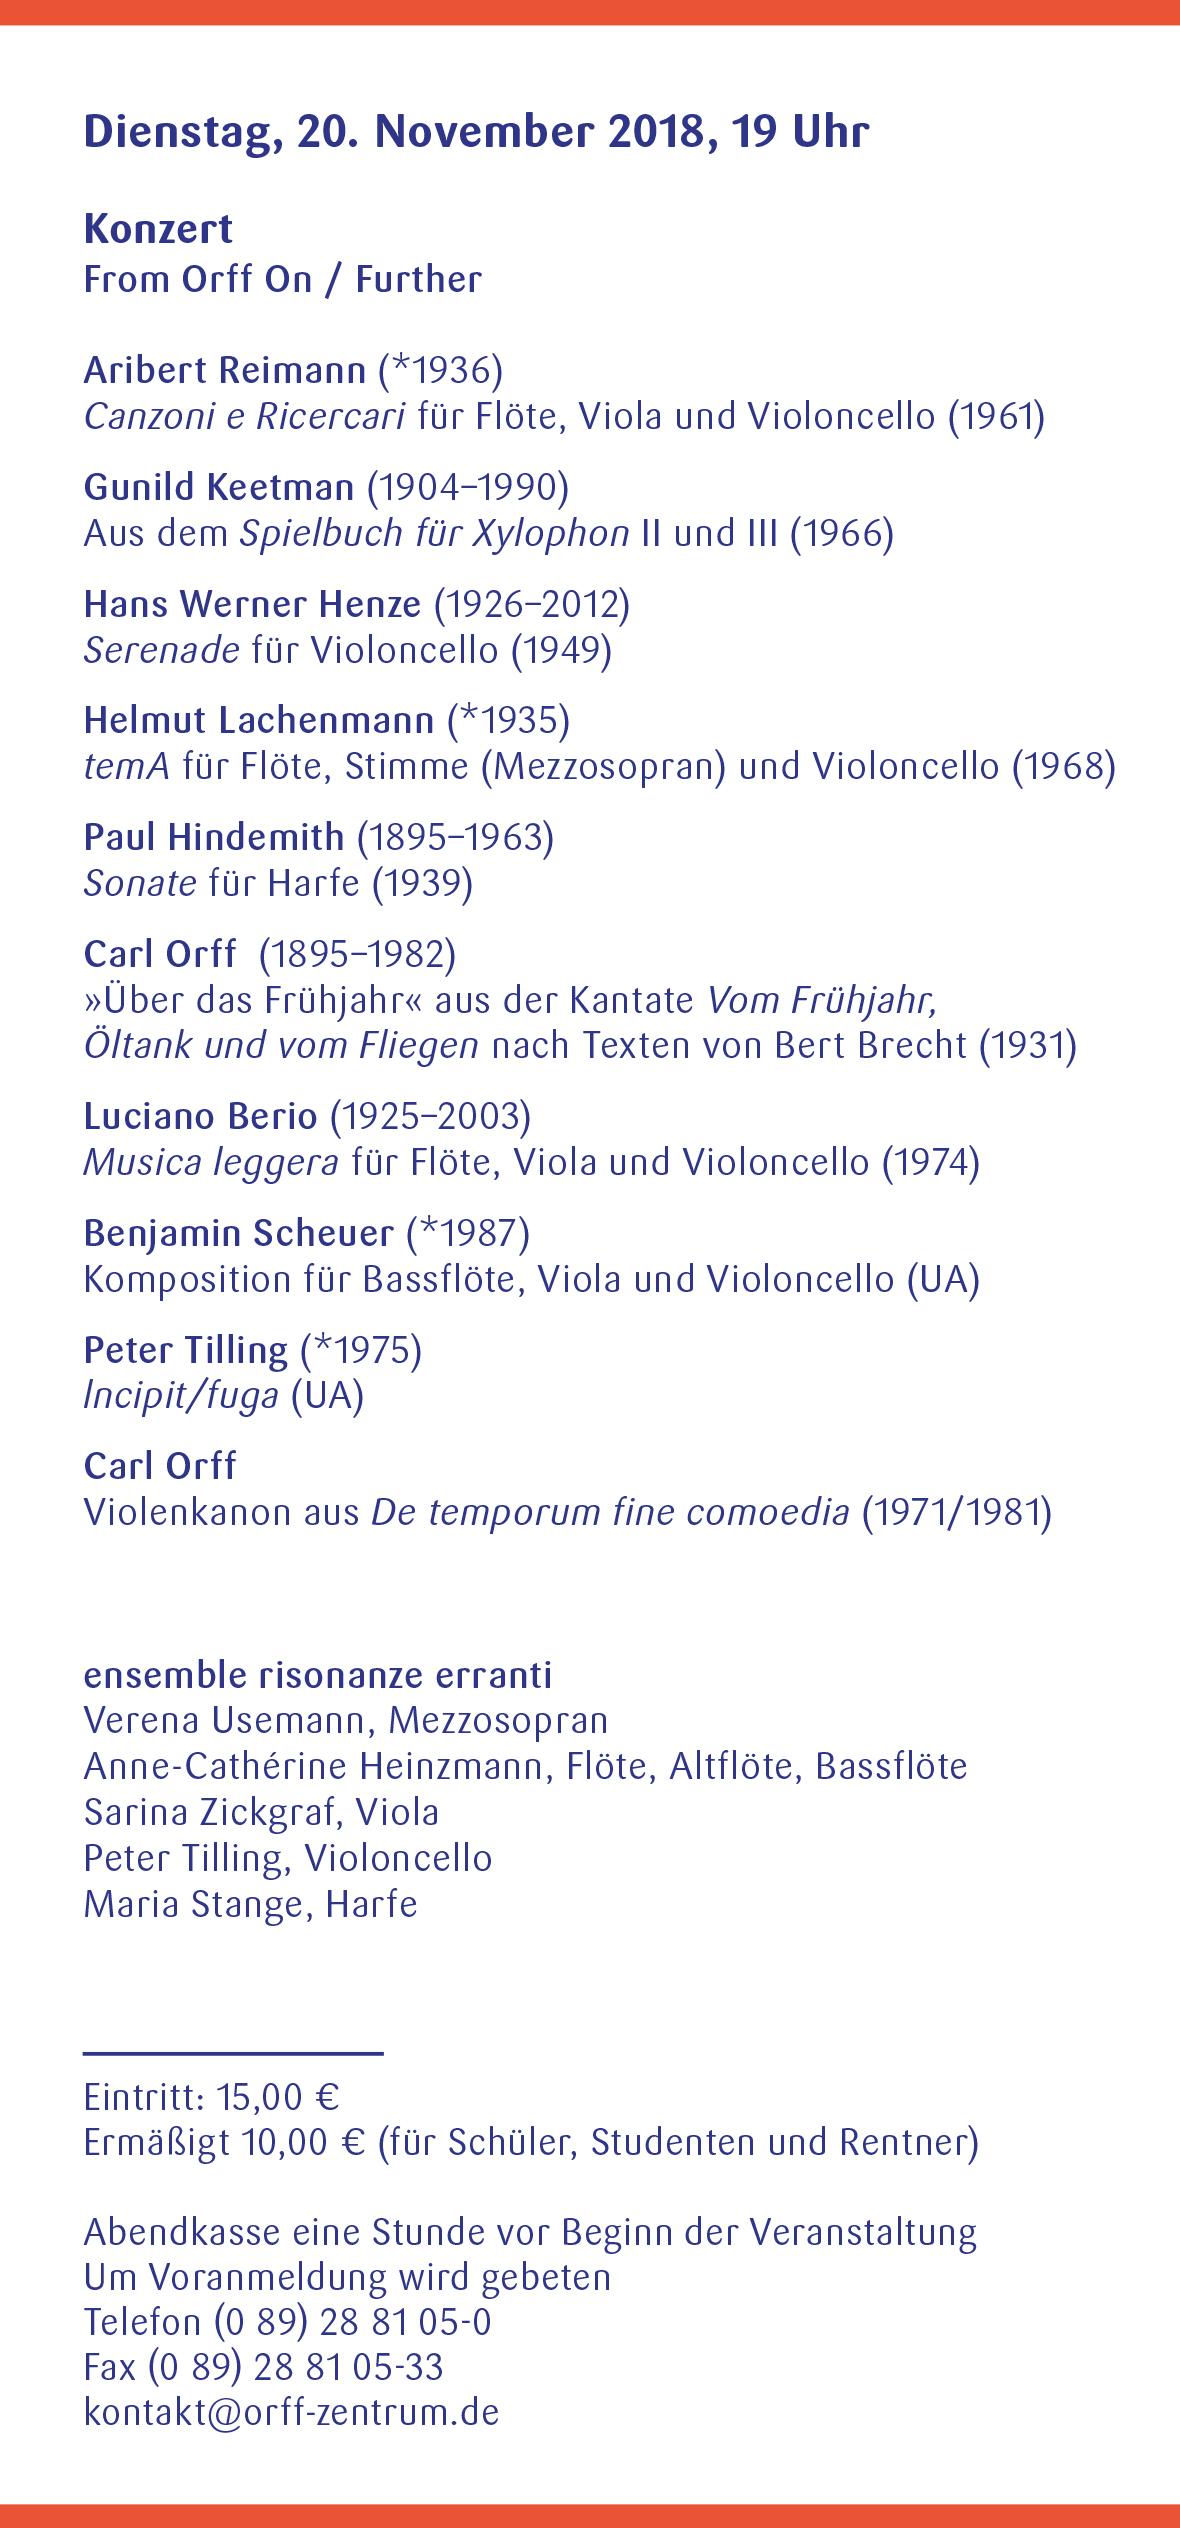 Orff-Zentrum München, Veranstaltungsflyer Nov.-Dez. 2018, Seite 3